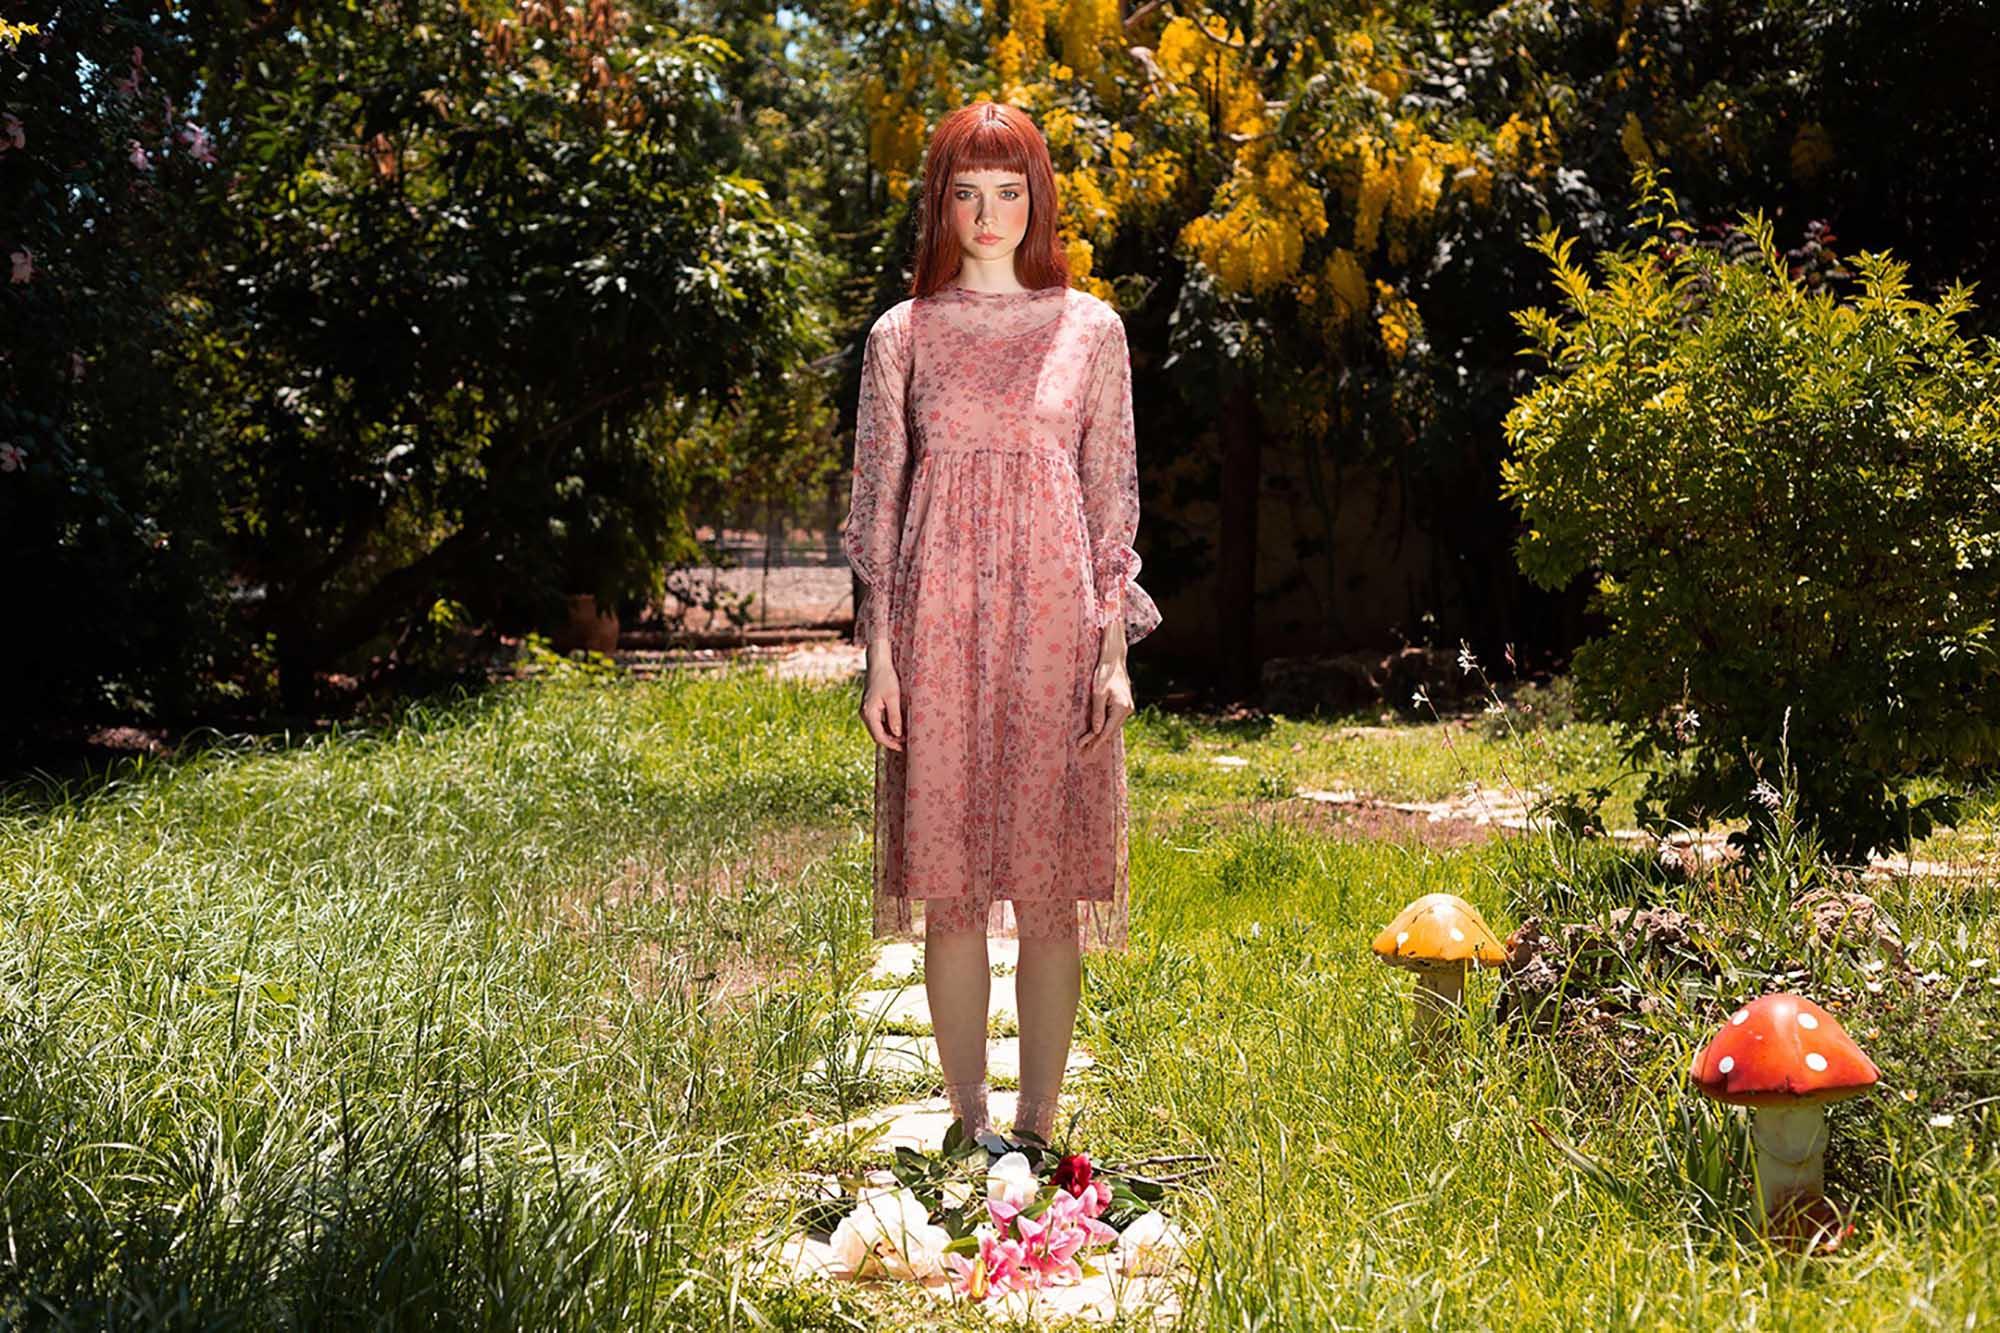 ירין שחף, הפקת אופנה, קרינה גרוזמן, שירה לכנר, מגזין אופנה -10